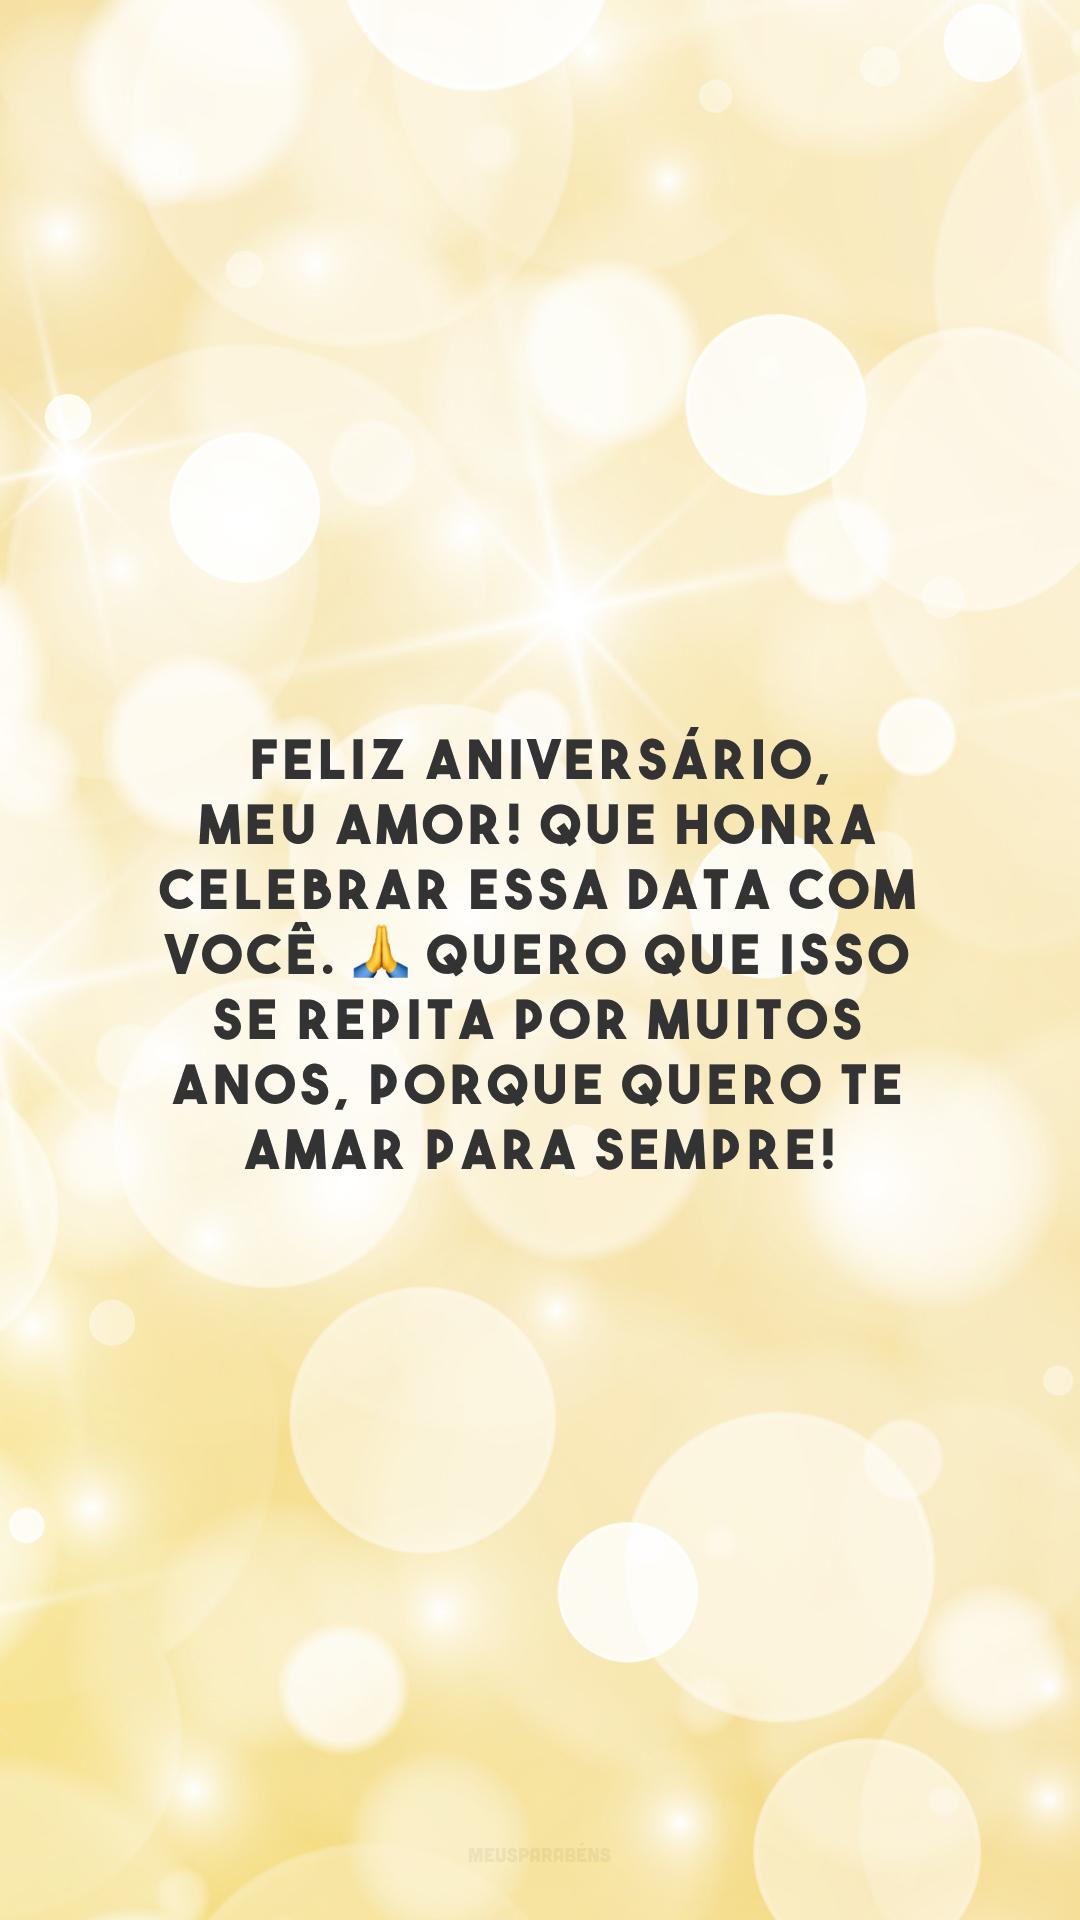 Feliz aniversário, meu amor! Que honra celebrar essa data com você. 🙏 Quero que isso se repita por muitos anos, porque quero te amar para sempre!